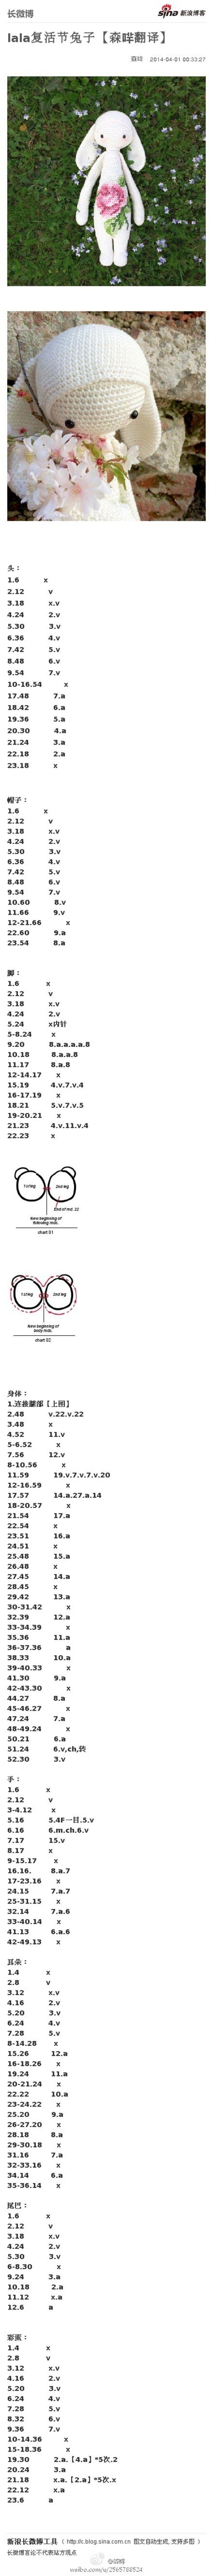 #钩编图解 翻译 lala系列 复活节兔子#图解+刺绣大图+缝合详情